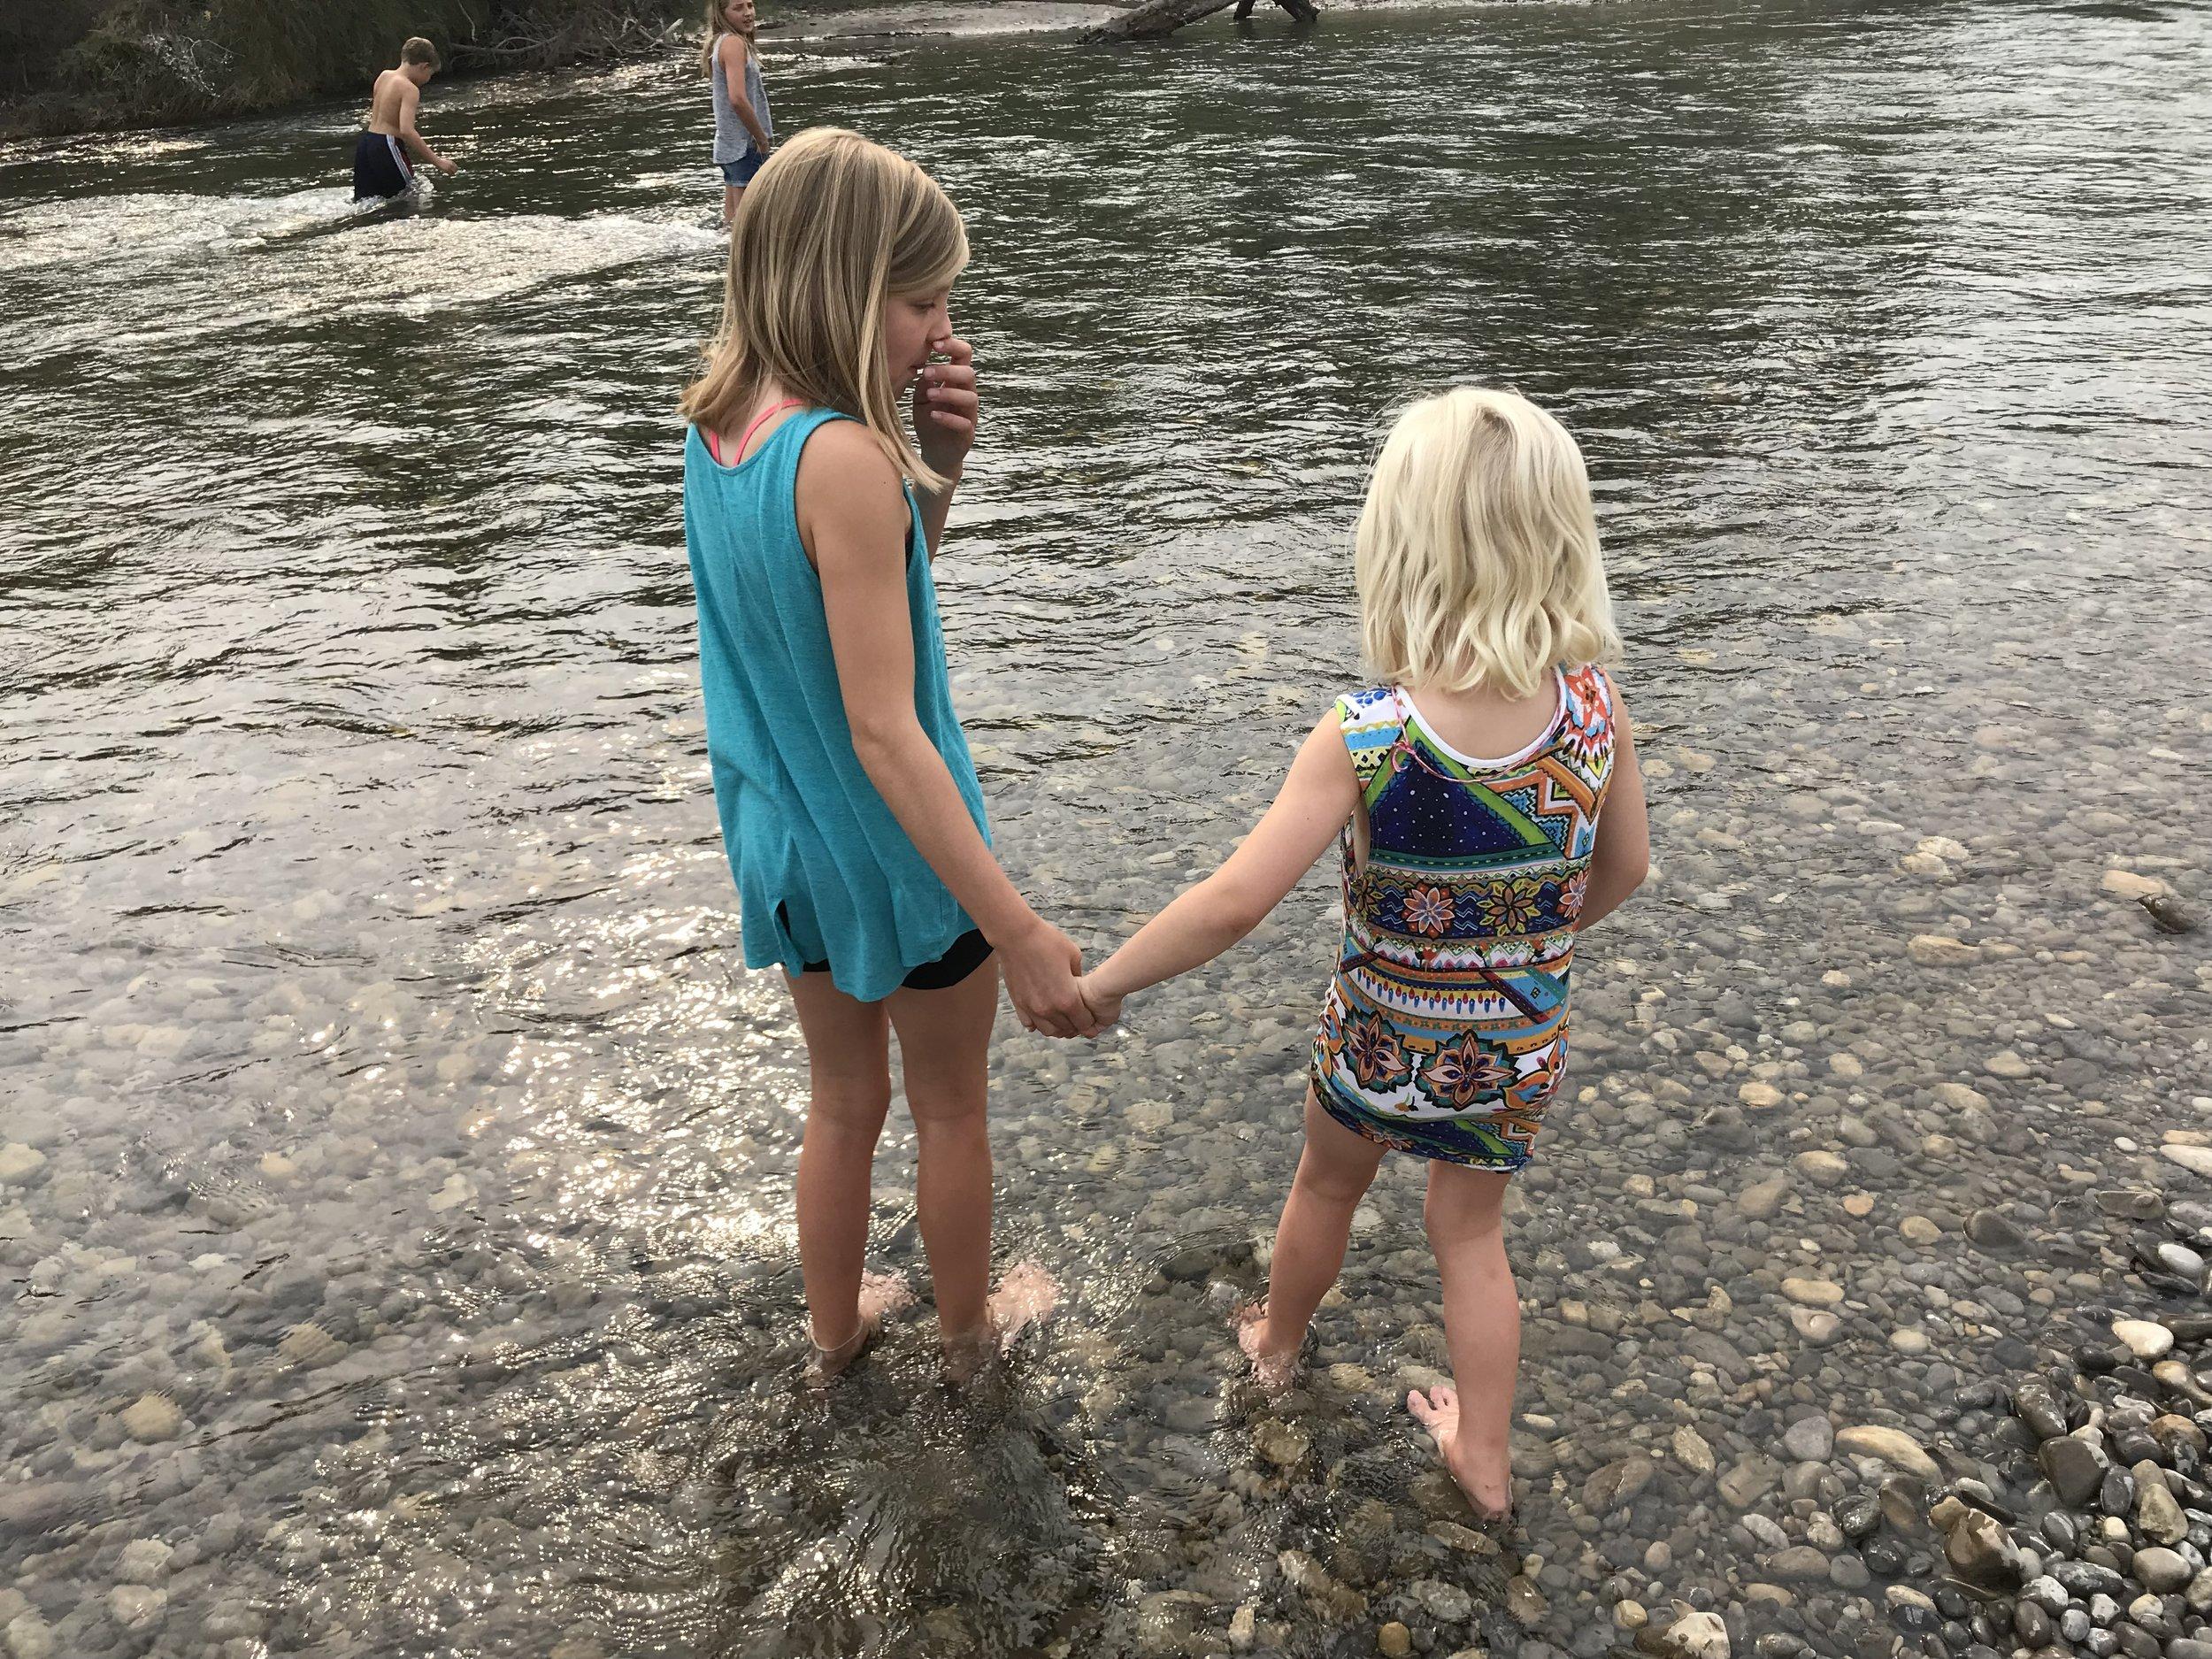 Zoe & Kiara wading in Elbow River, Calgary.